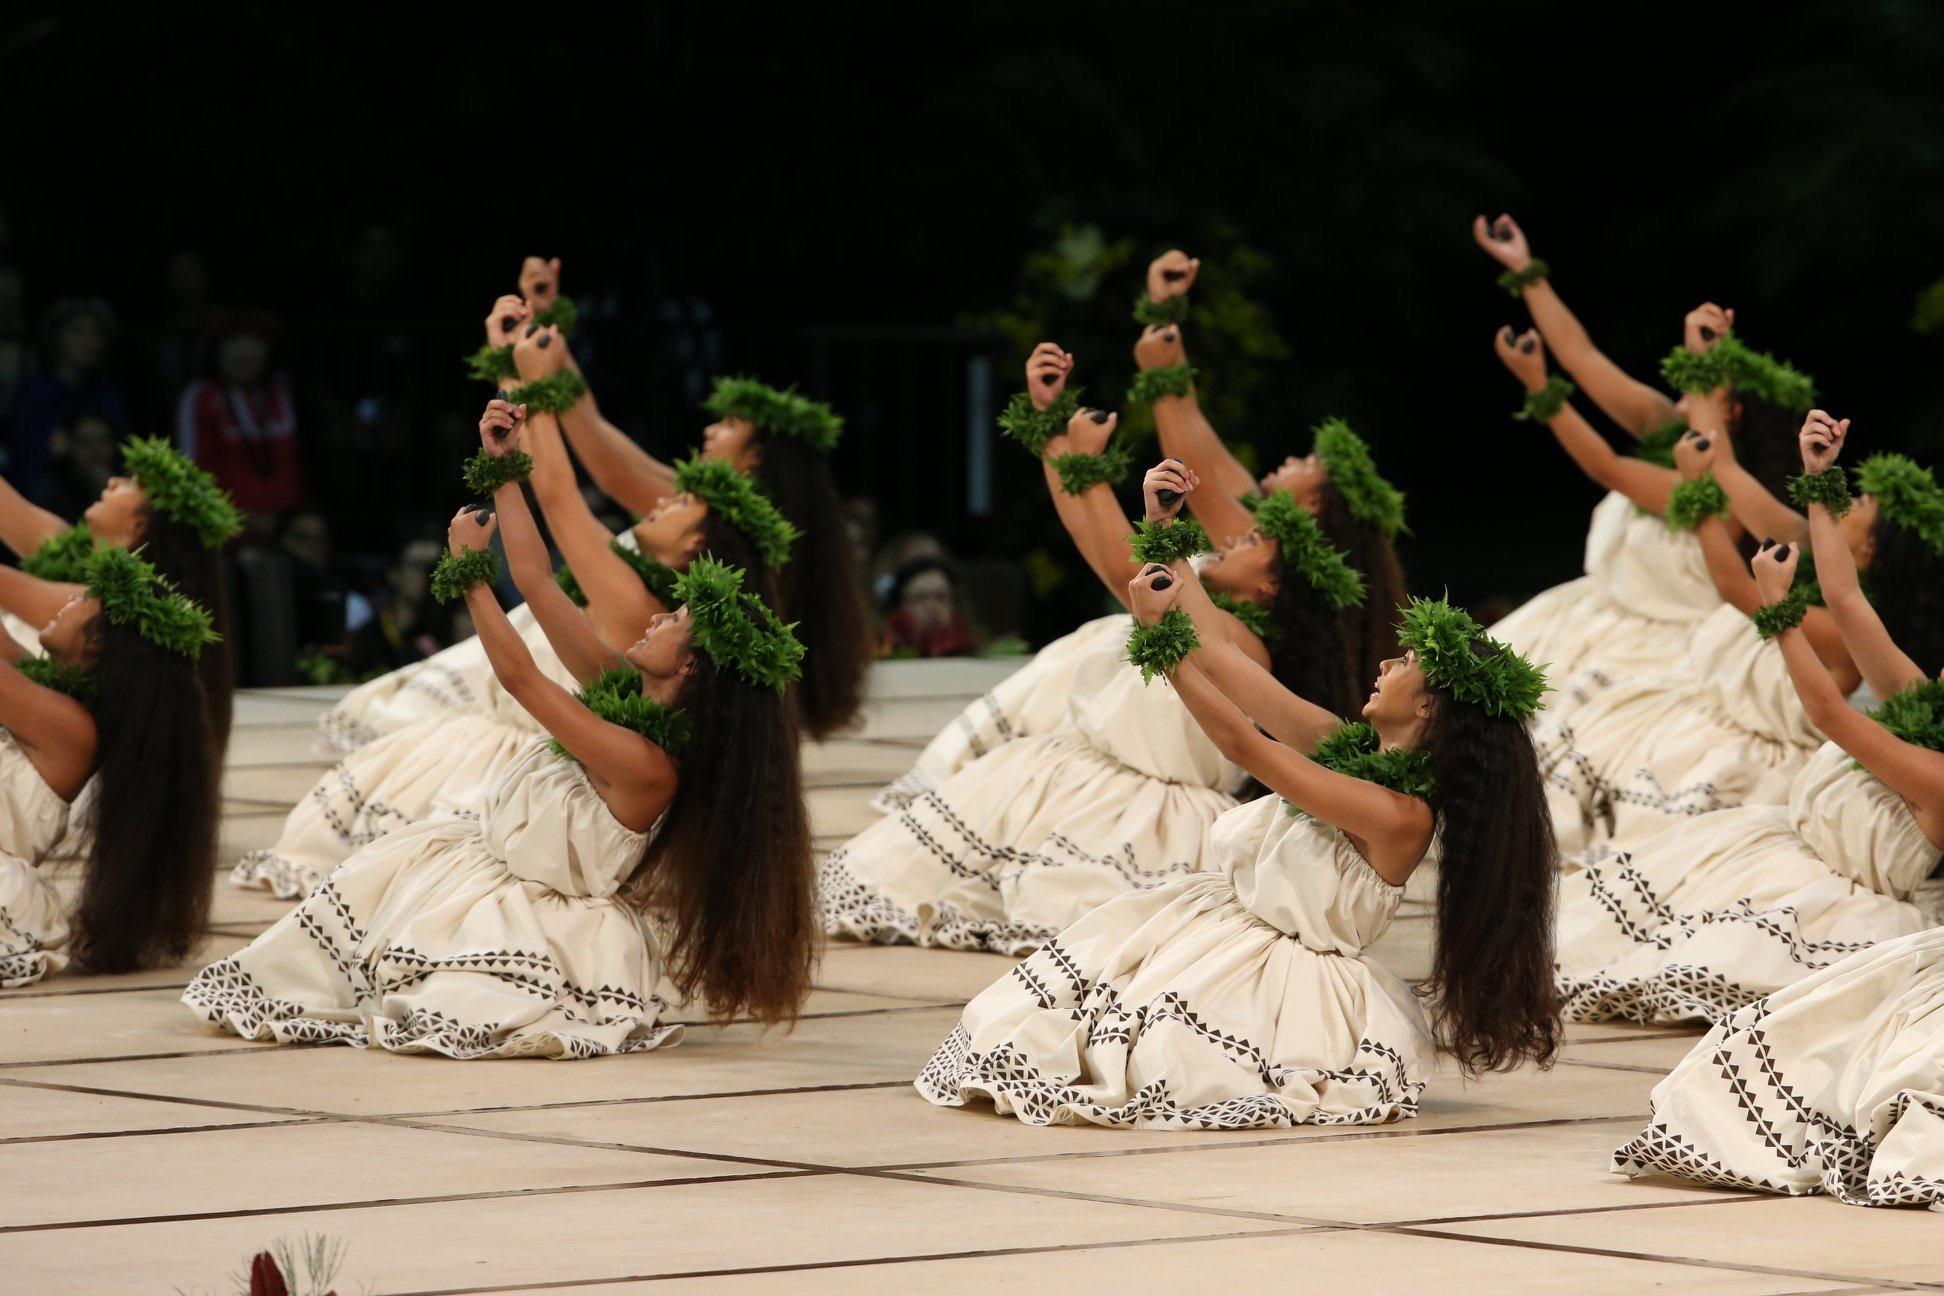 Merrie Monarch Results 2019: Hula Hālau 'O Kamuela Wins